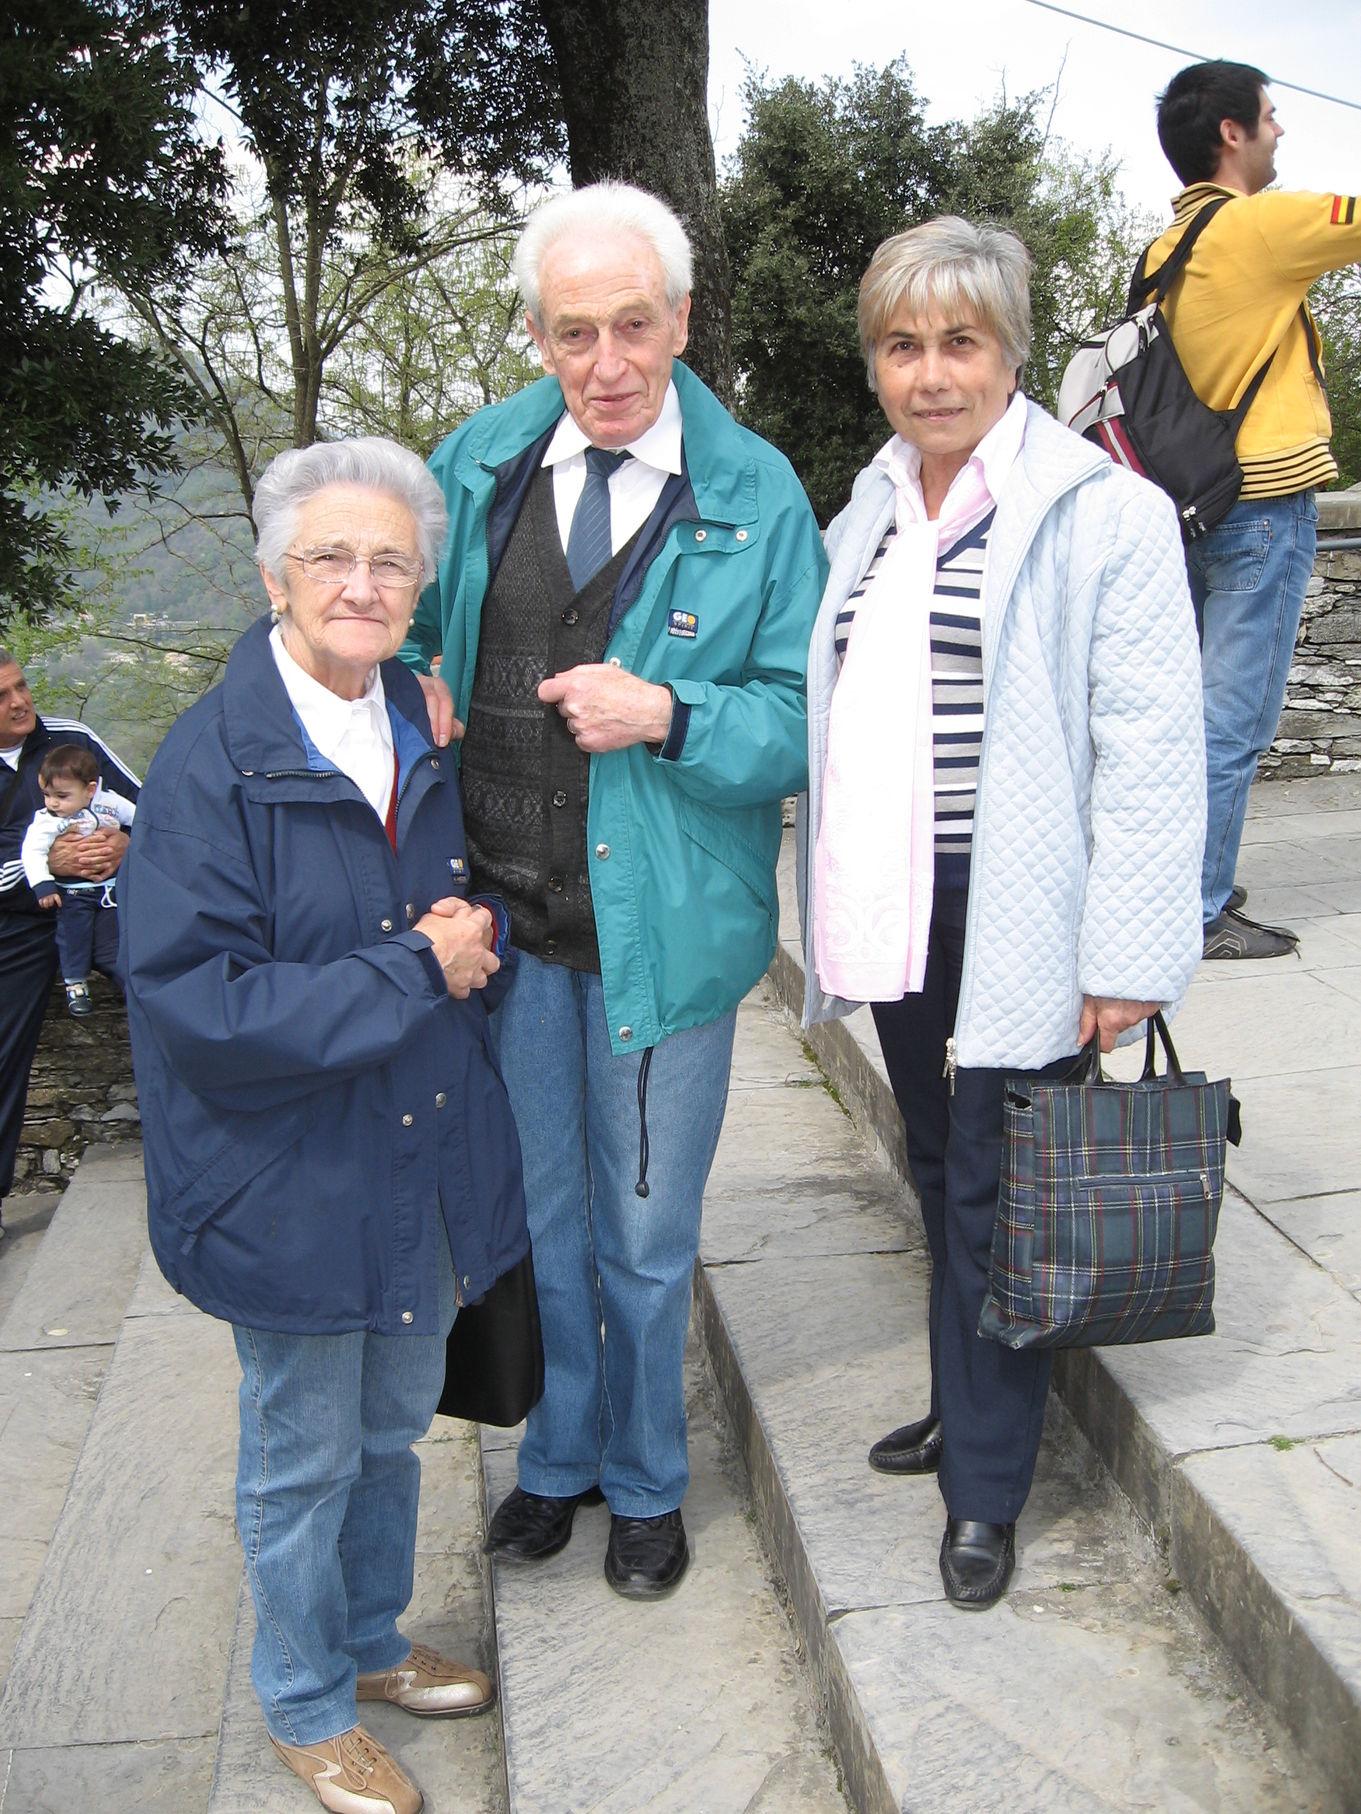 Montallegro-2009-04-13--13.56.28.jpg